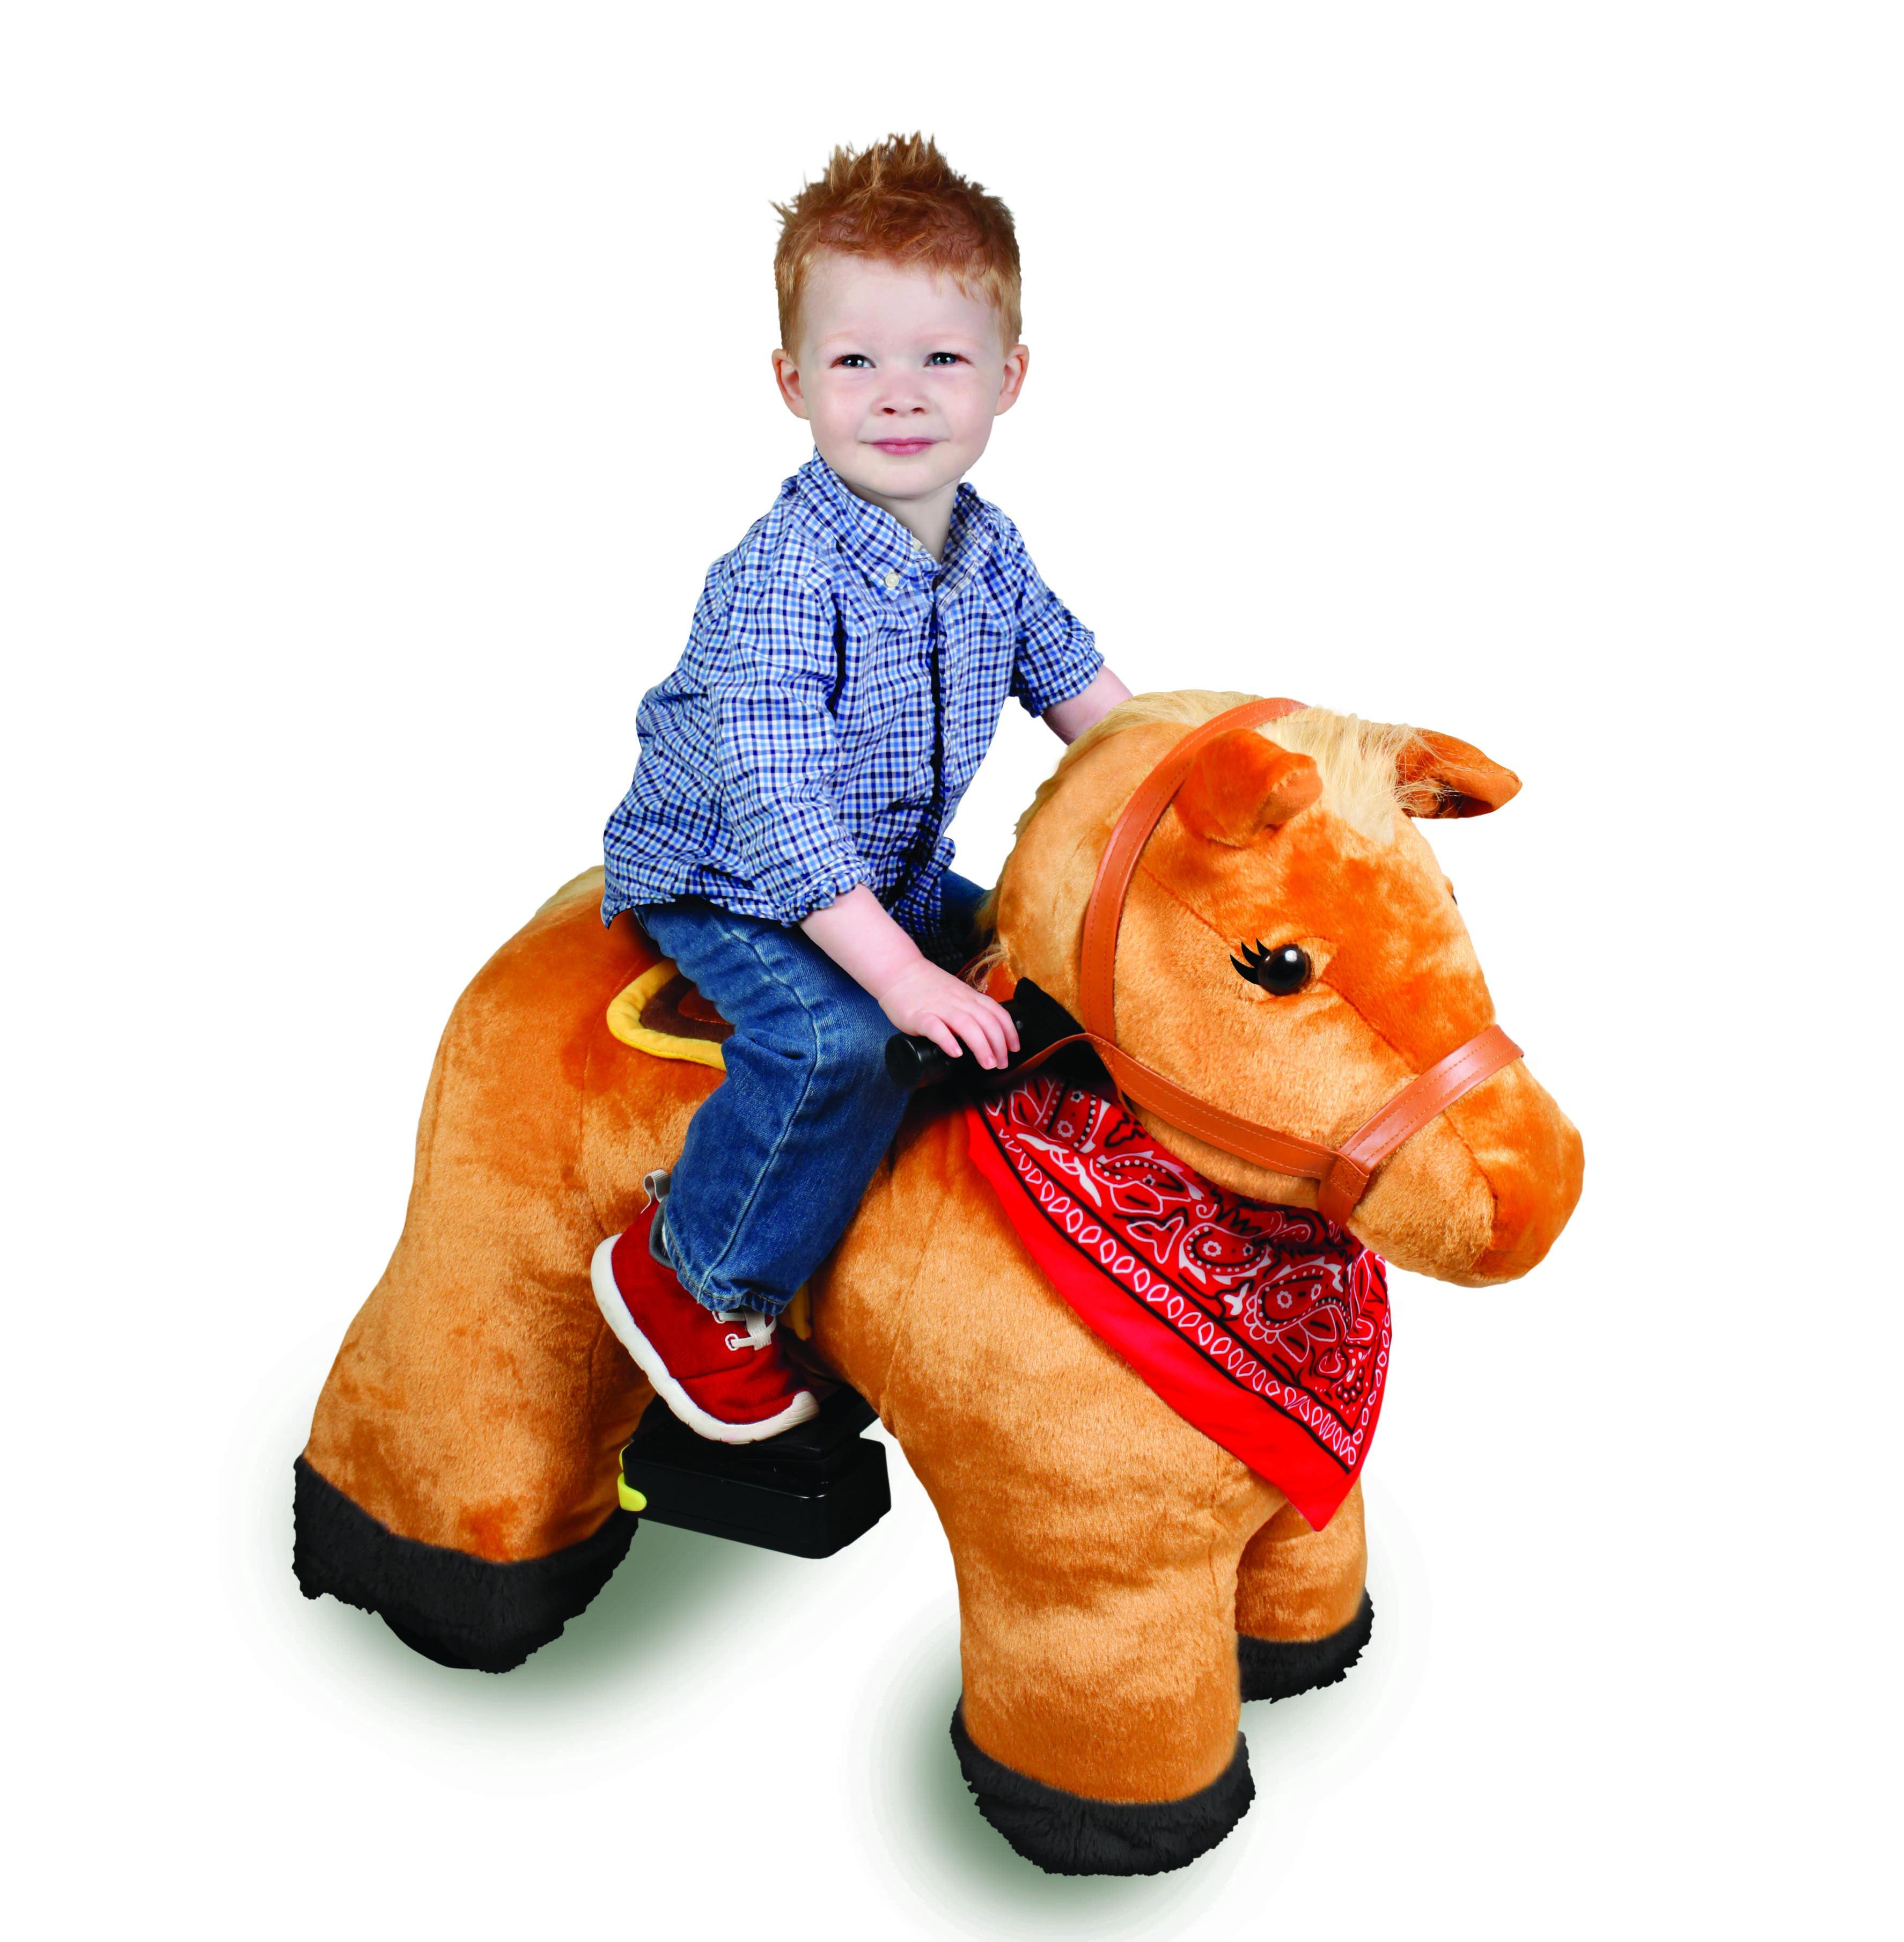 6V Stable Buddies Chestnut Horse Plush Ride-On by Dynacraft